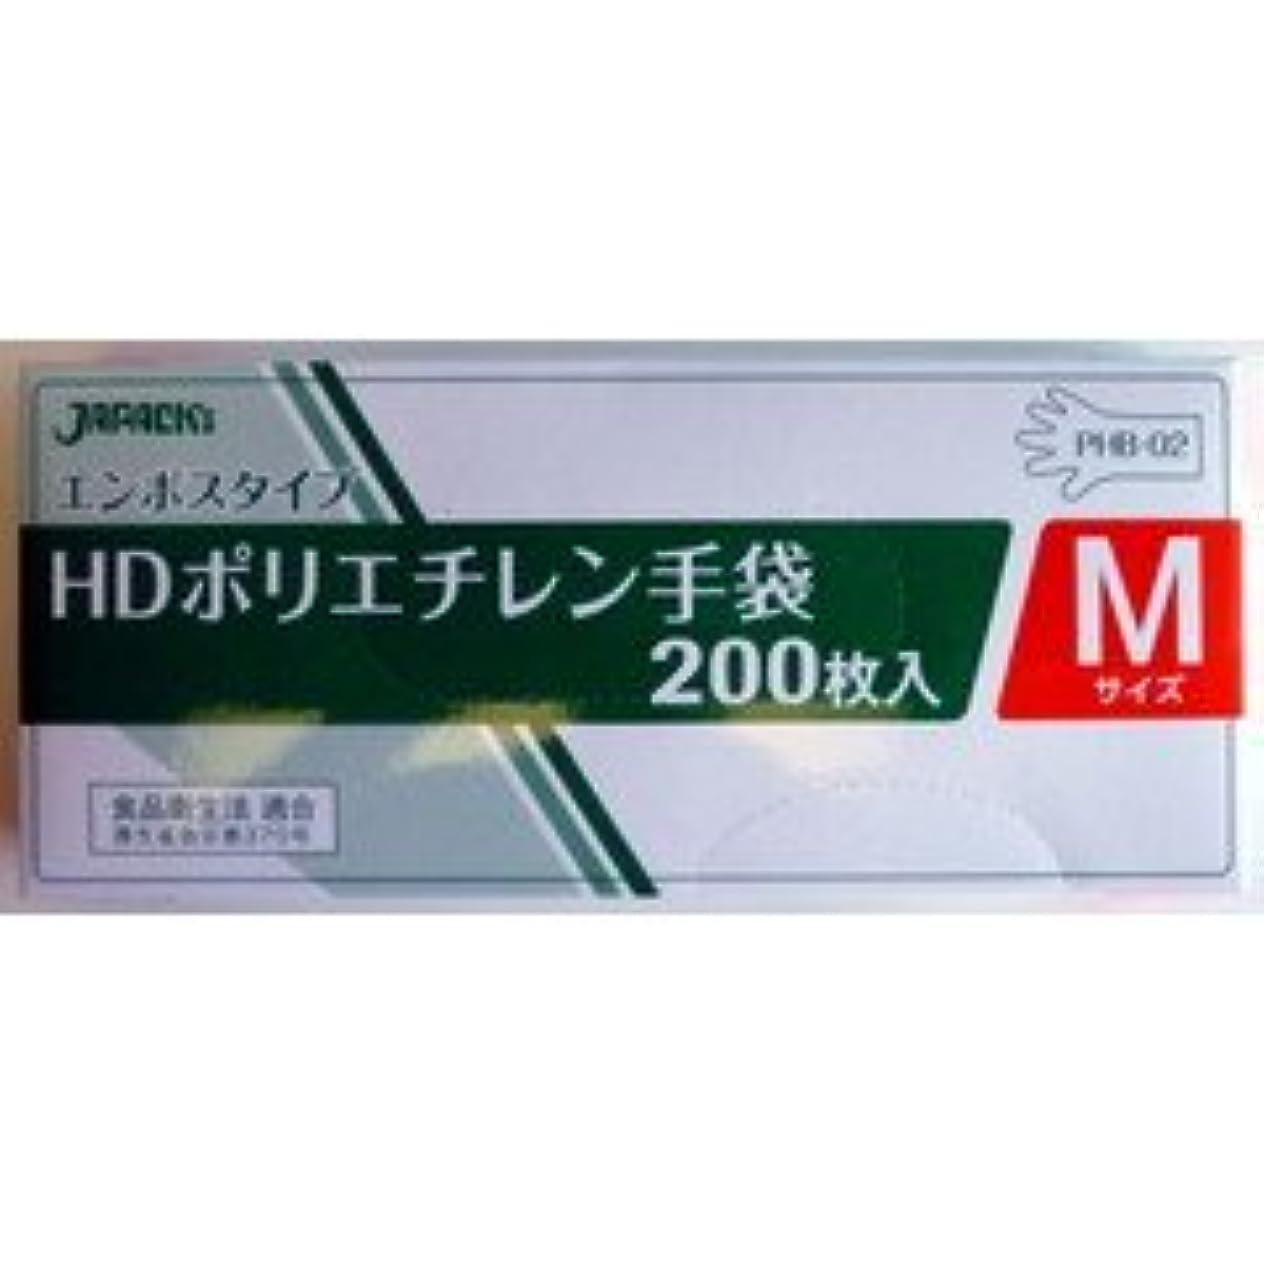 してはいけませんトランク酸素HDポリエチレン手袋M 200枚箱入